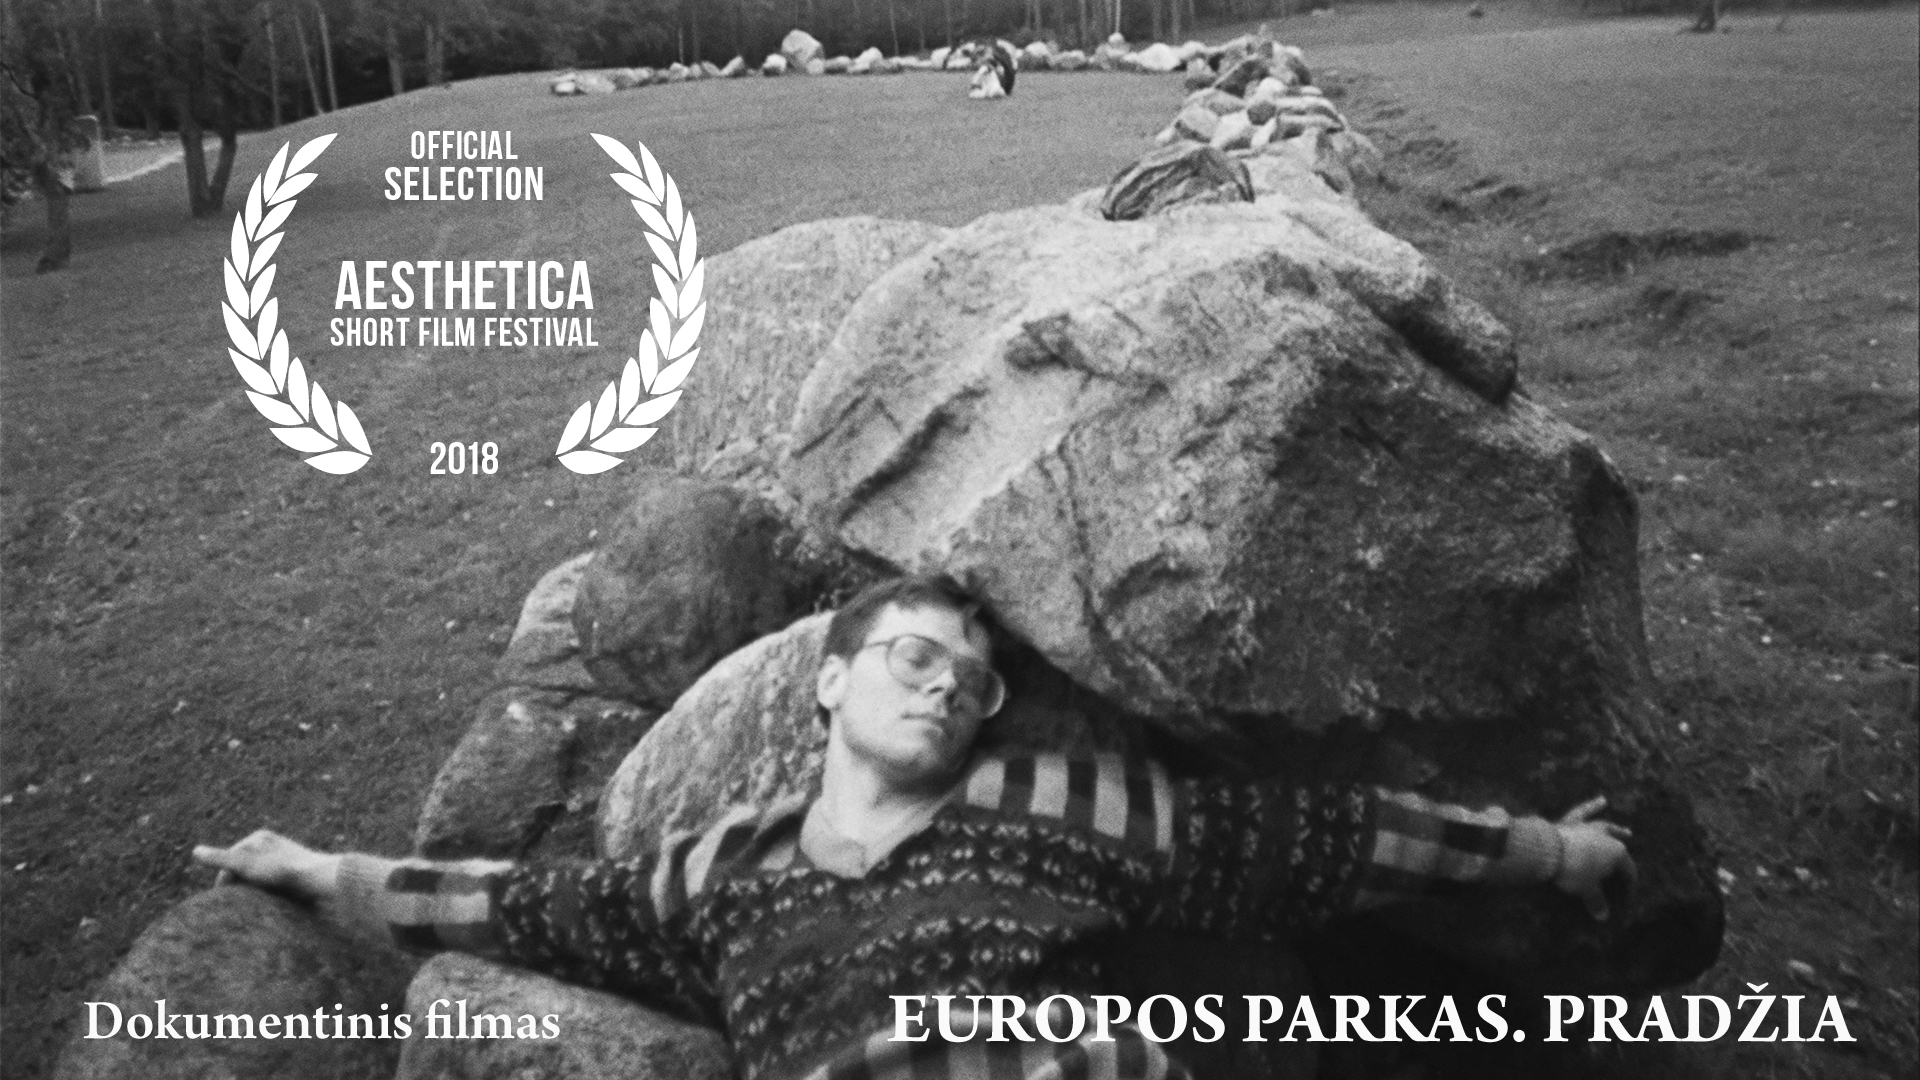 Filmas apie Europos parko kūrimą įtrauktas į oficialią tarptautinio kino festivalio programą